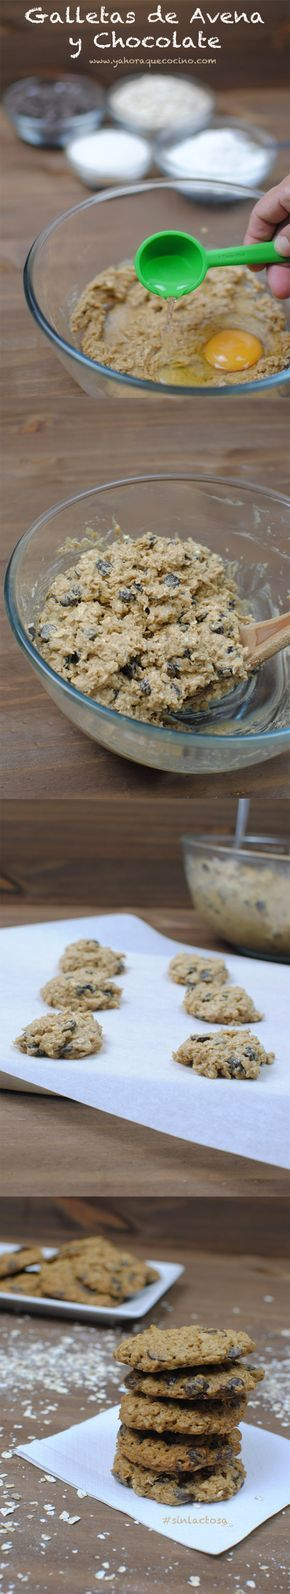 Galletas de Avena y Chocolate con coco rallado y sin lactosa